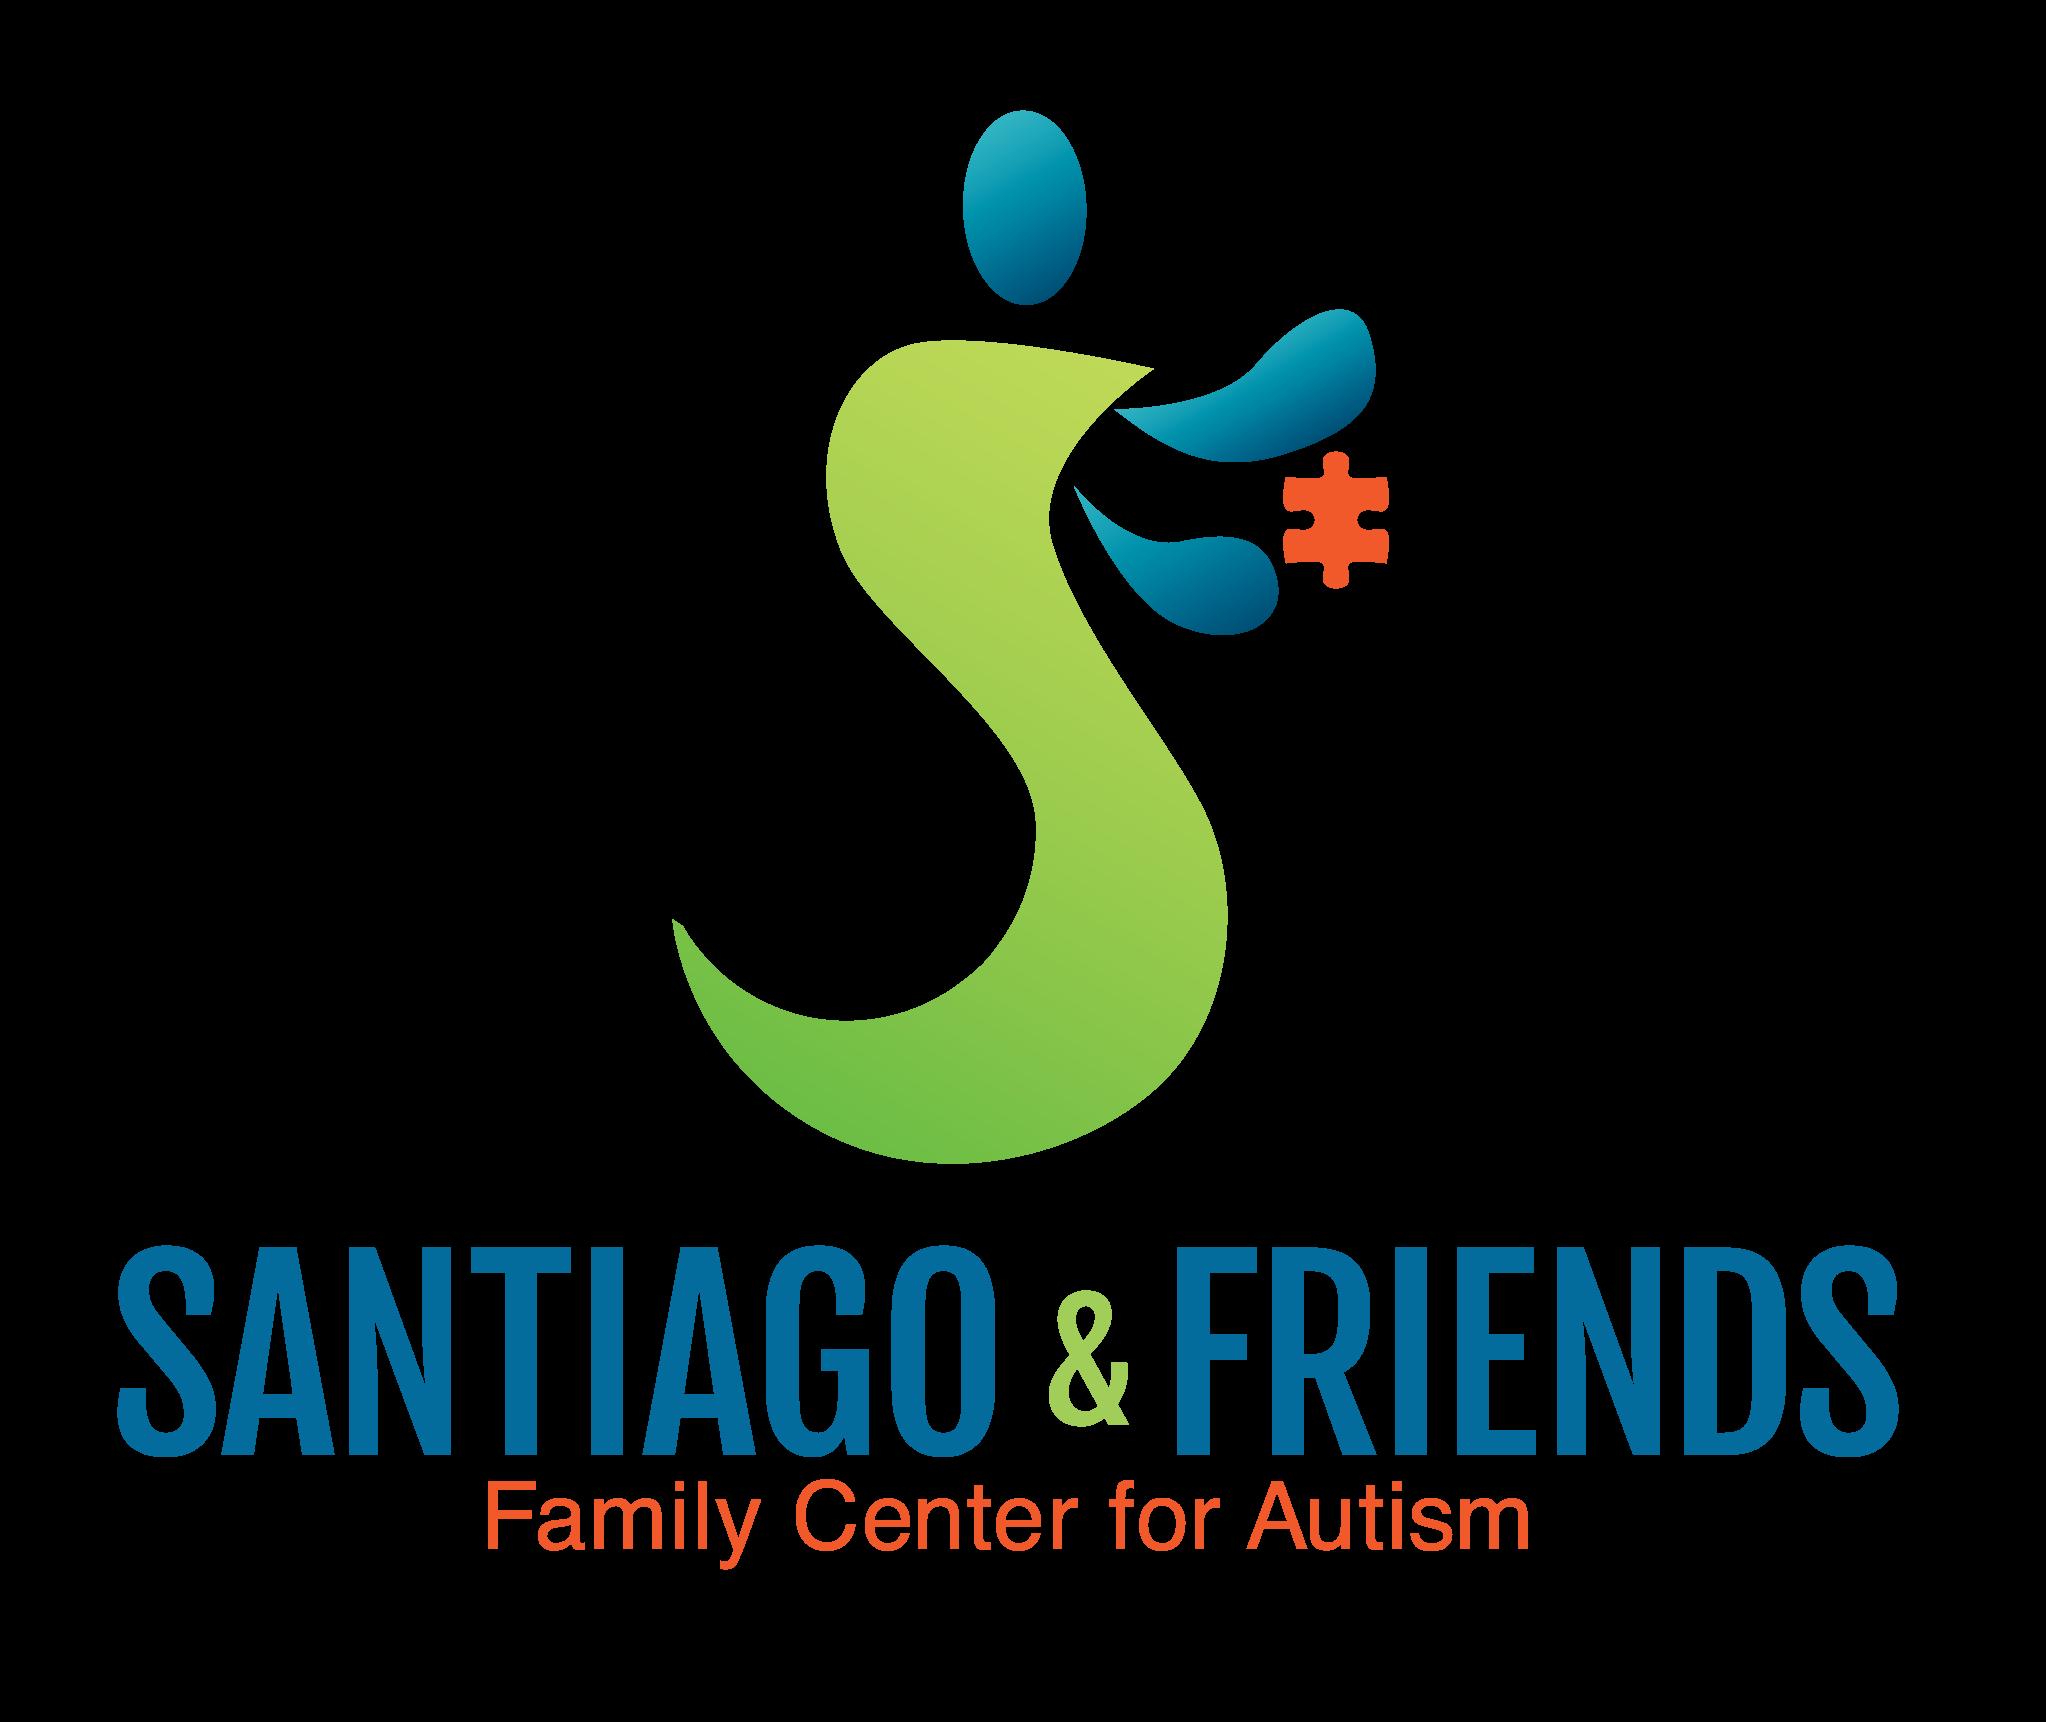 SantiagoFriends_Logo-e1422654586247.png